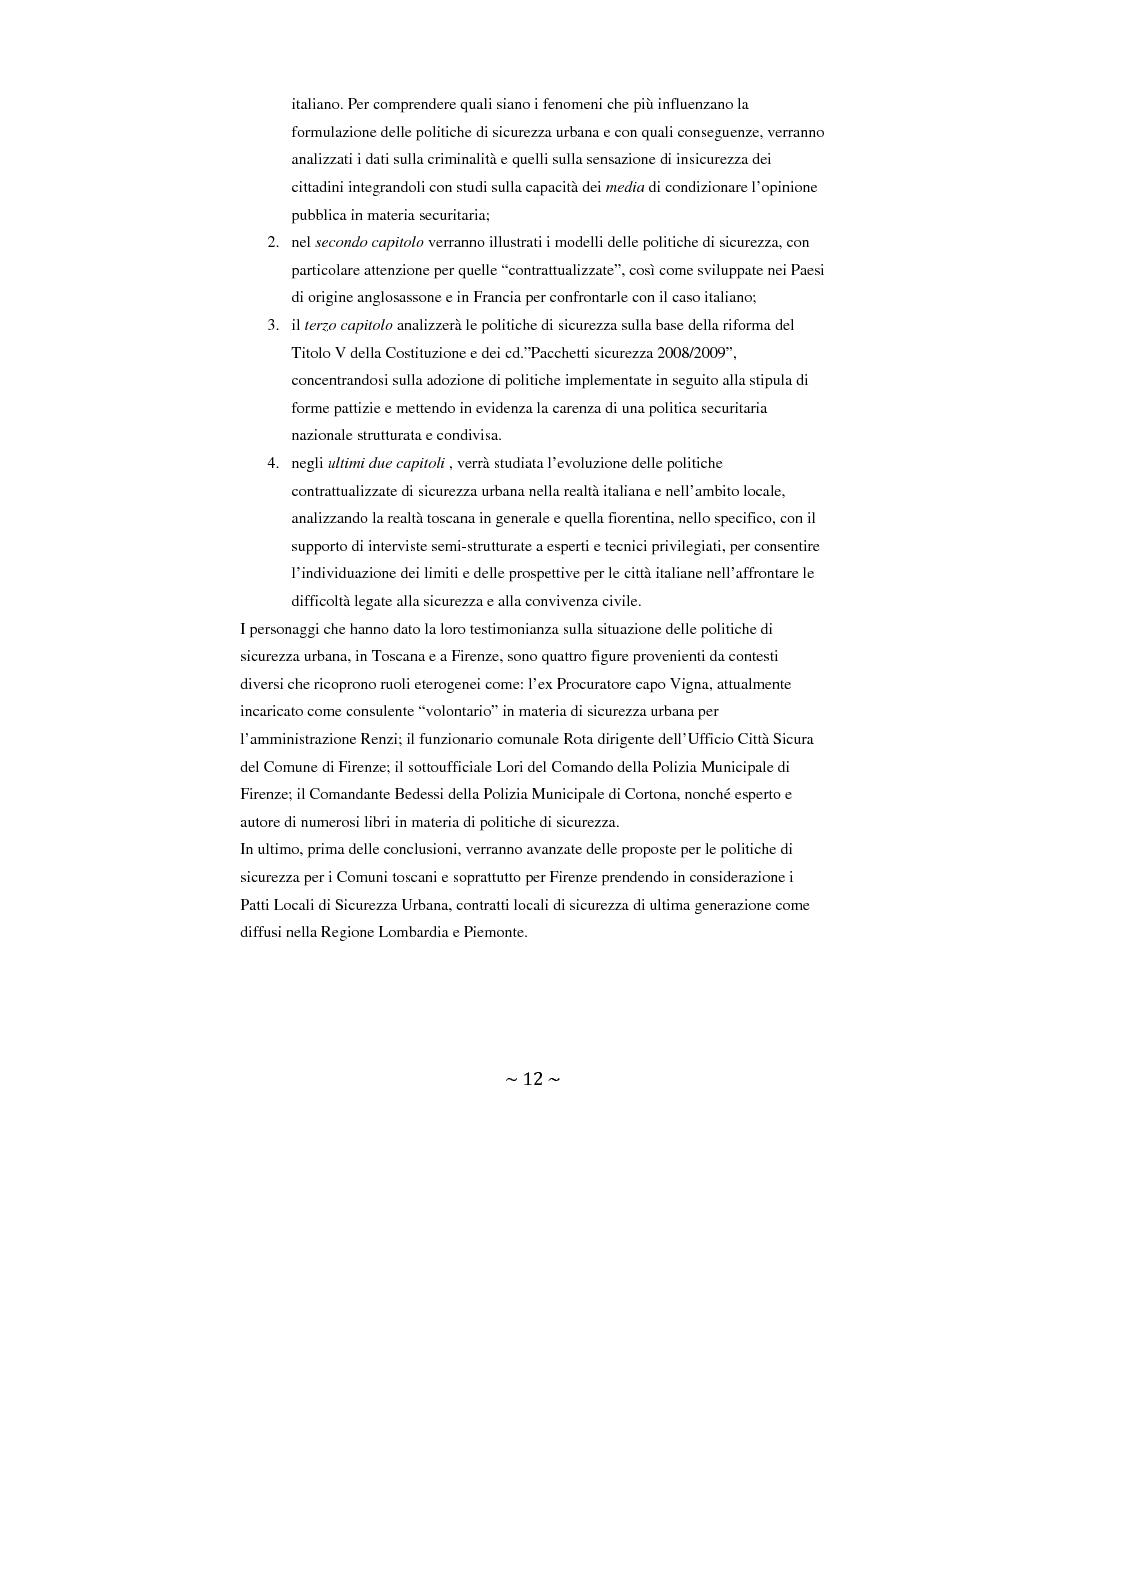 Anteprima della tesi: Contrattualizzare la sicurezza urbana, Pagina 5